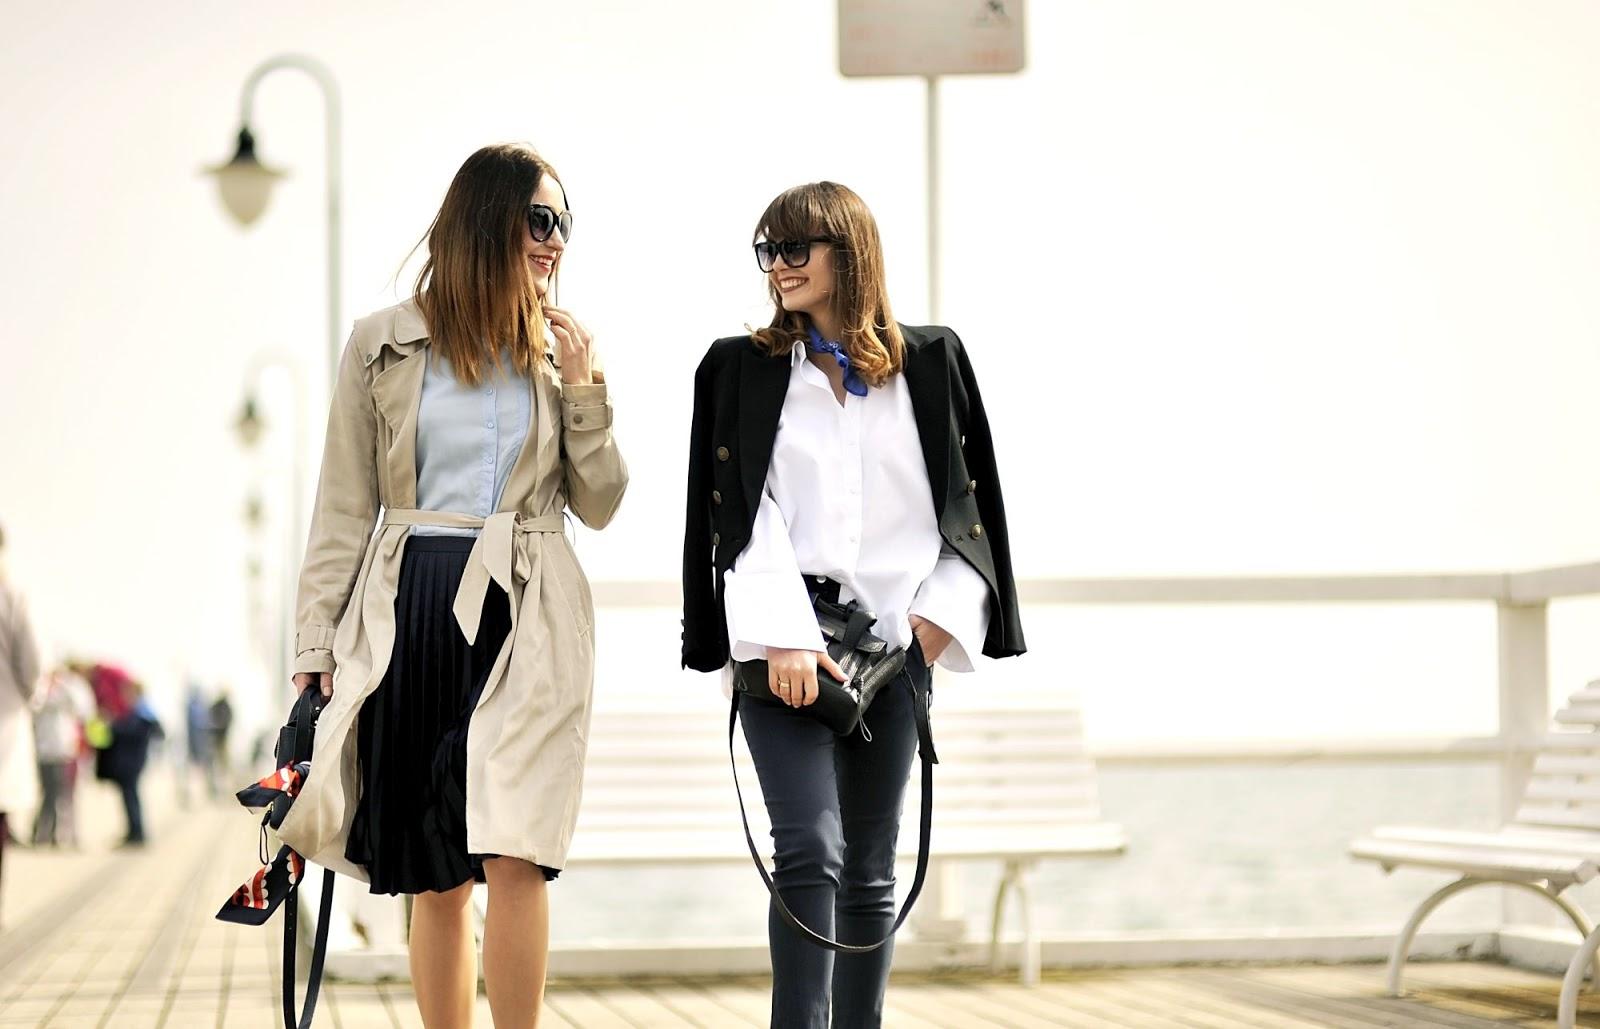 plisowana spodnica | biala koszula | jak sie ubrac do pracy